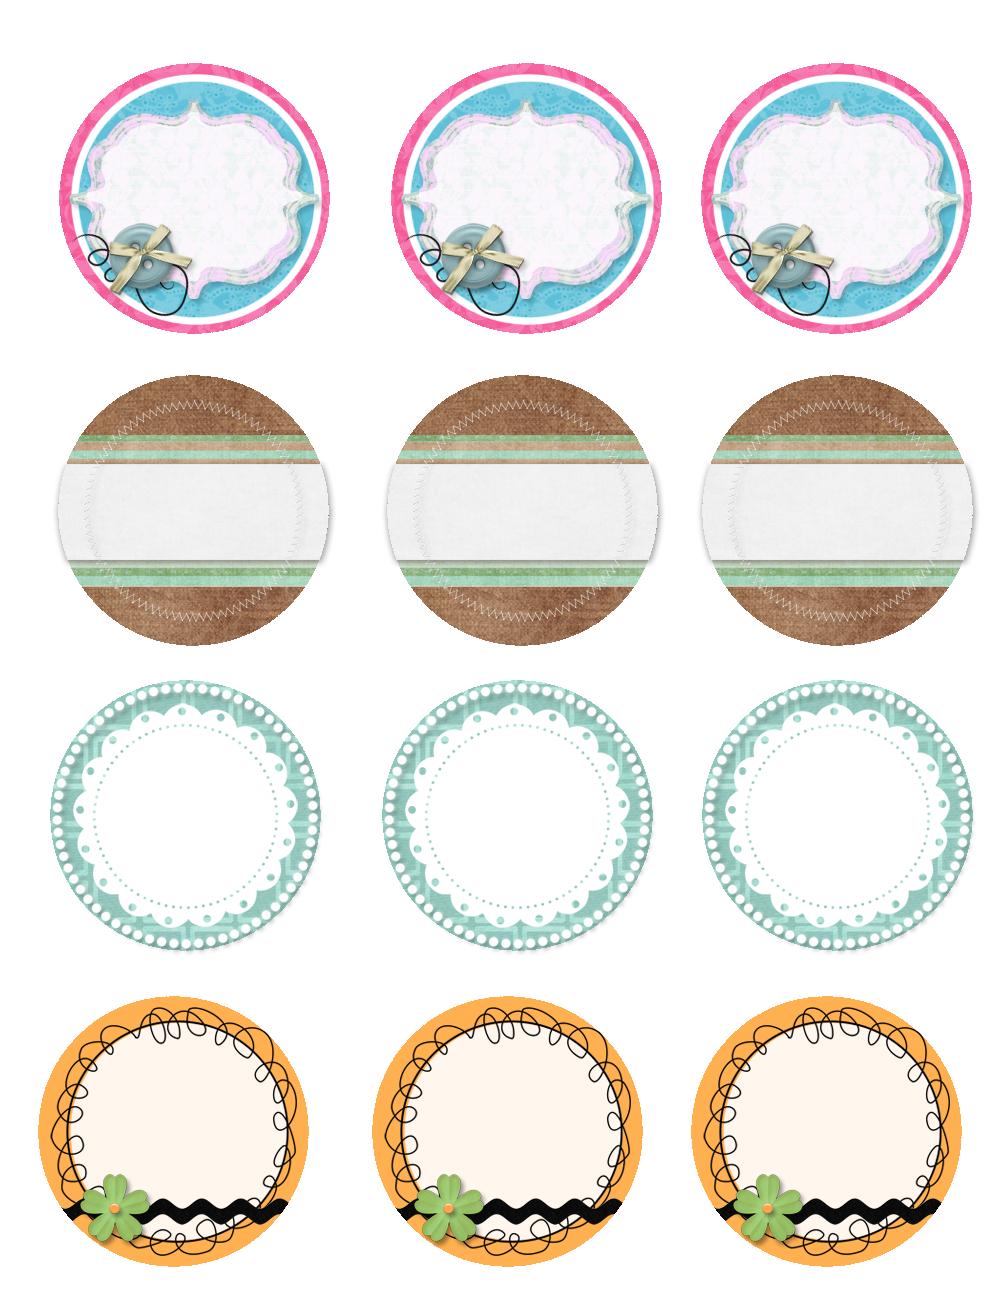 56 Cute Mason Jar Labels | Kittybabylove - Free Printable Mason Jar Labels